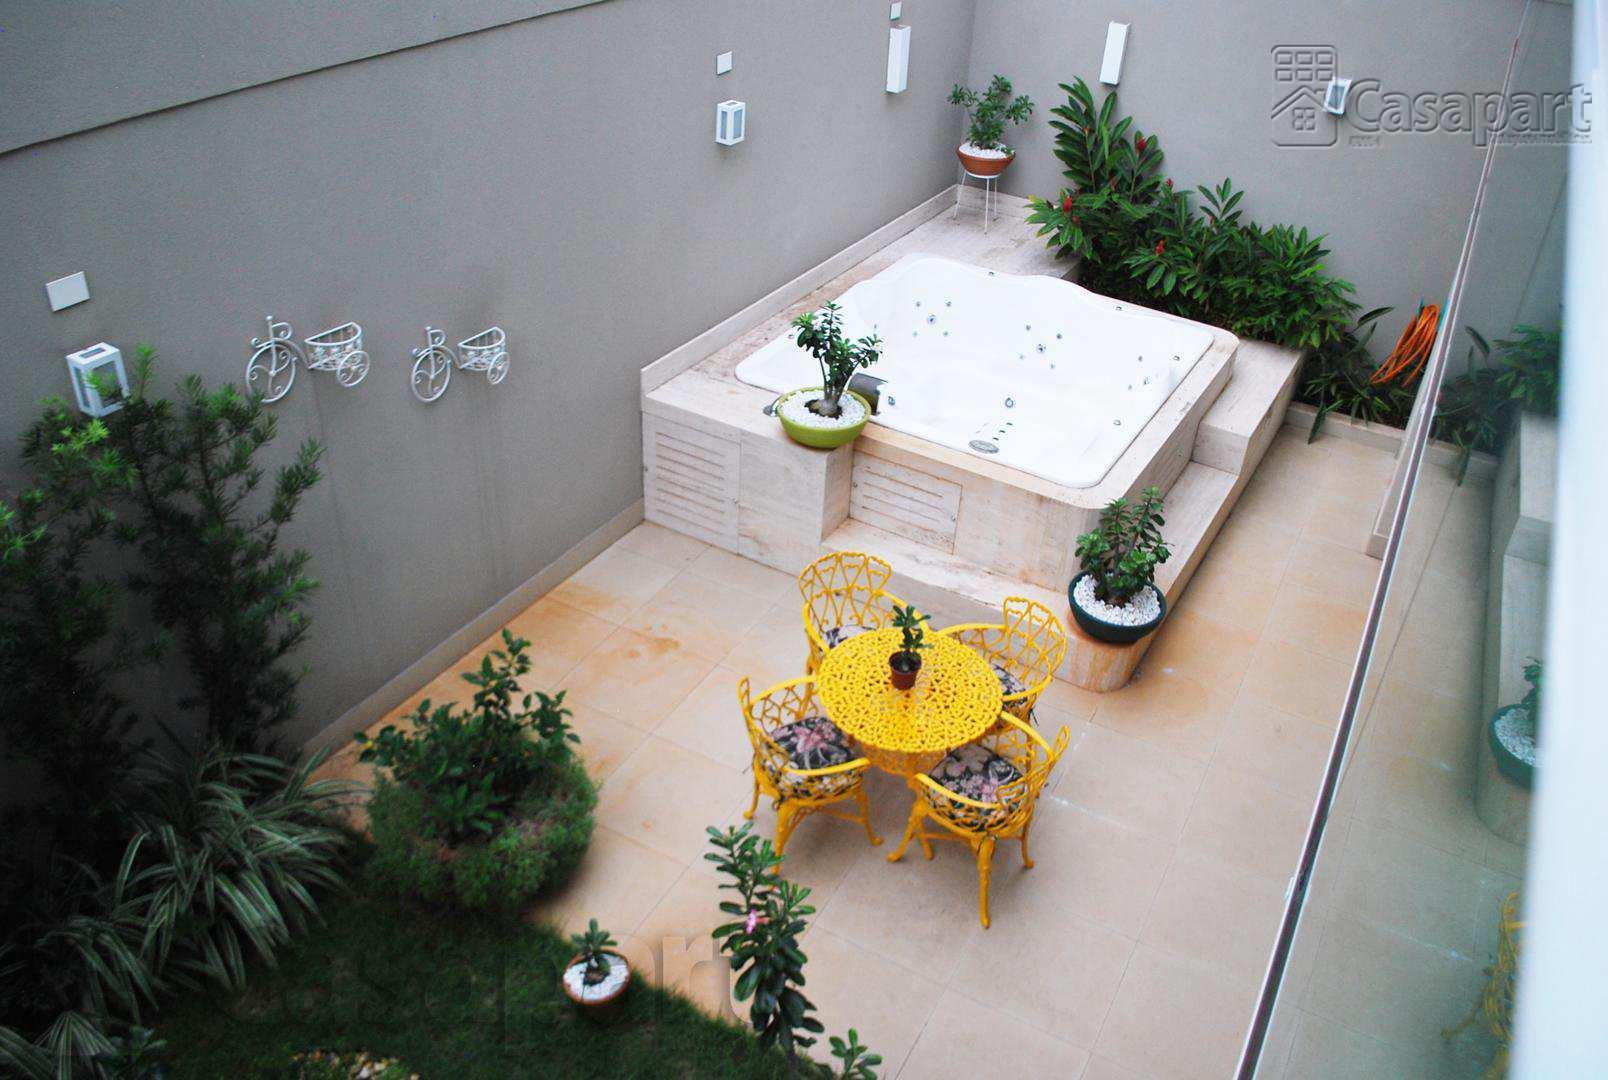 Sobrado com 3 dorms, Centro, Campo Grande - R$ 2.8 mi, Cod: 432